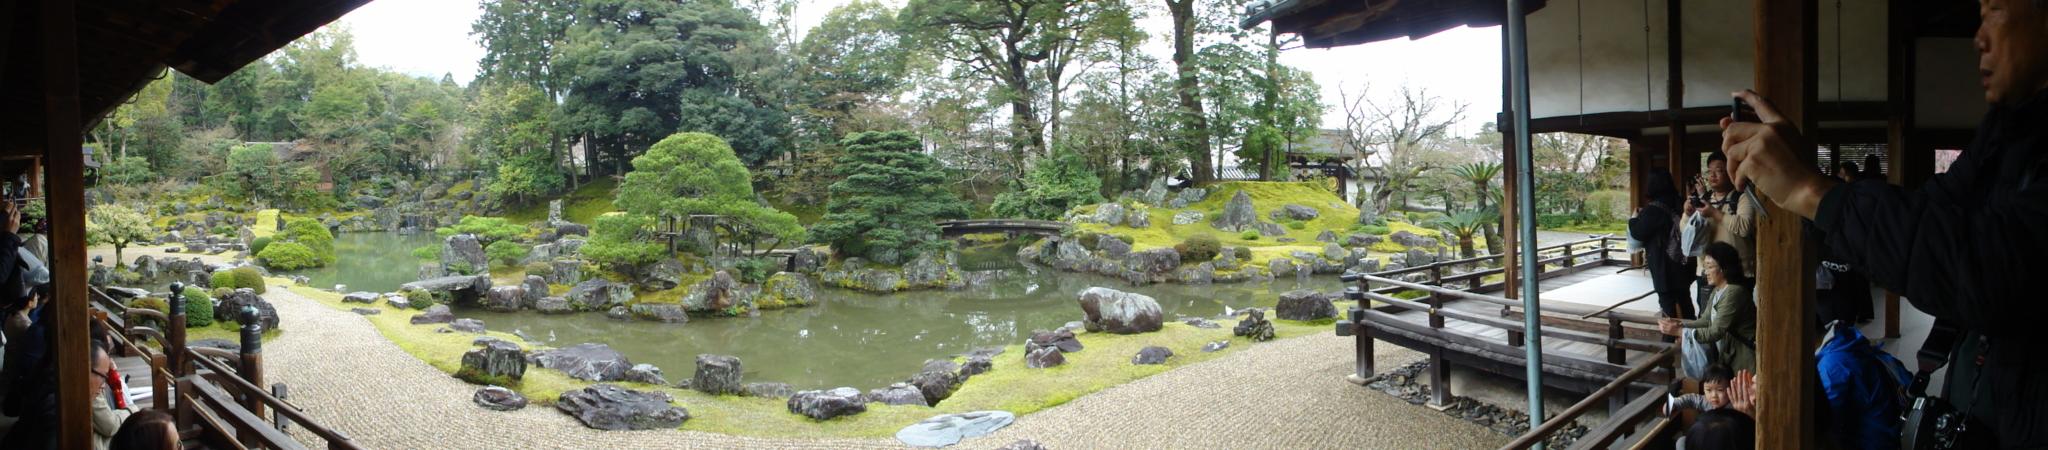 20170408 Daigoji Kyoto 08